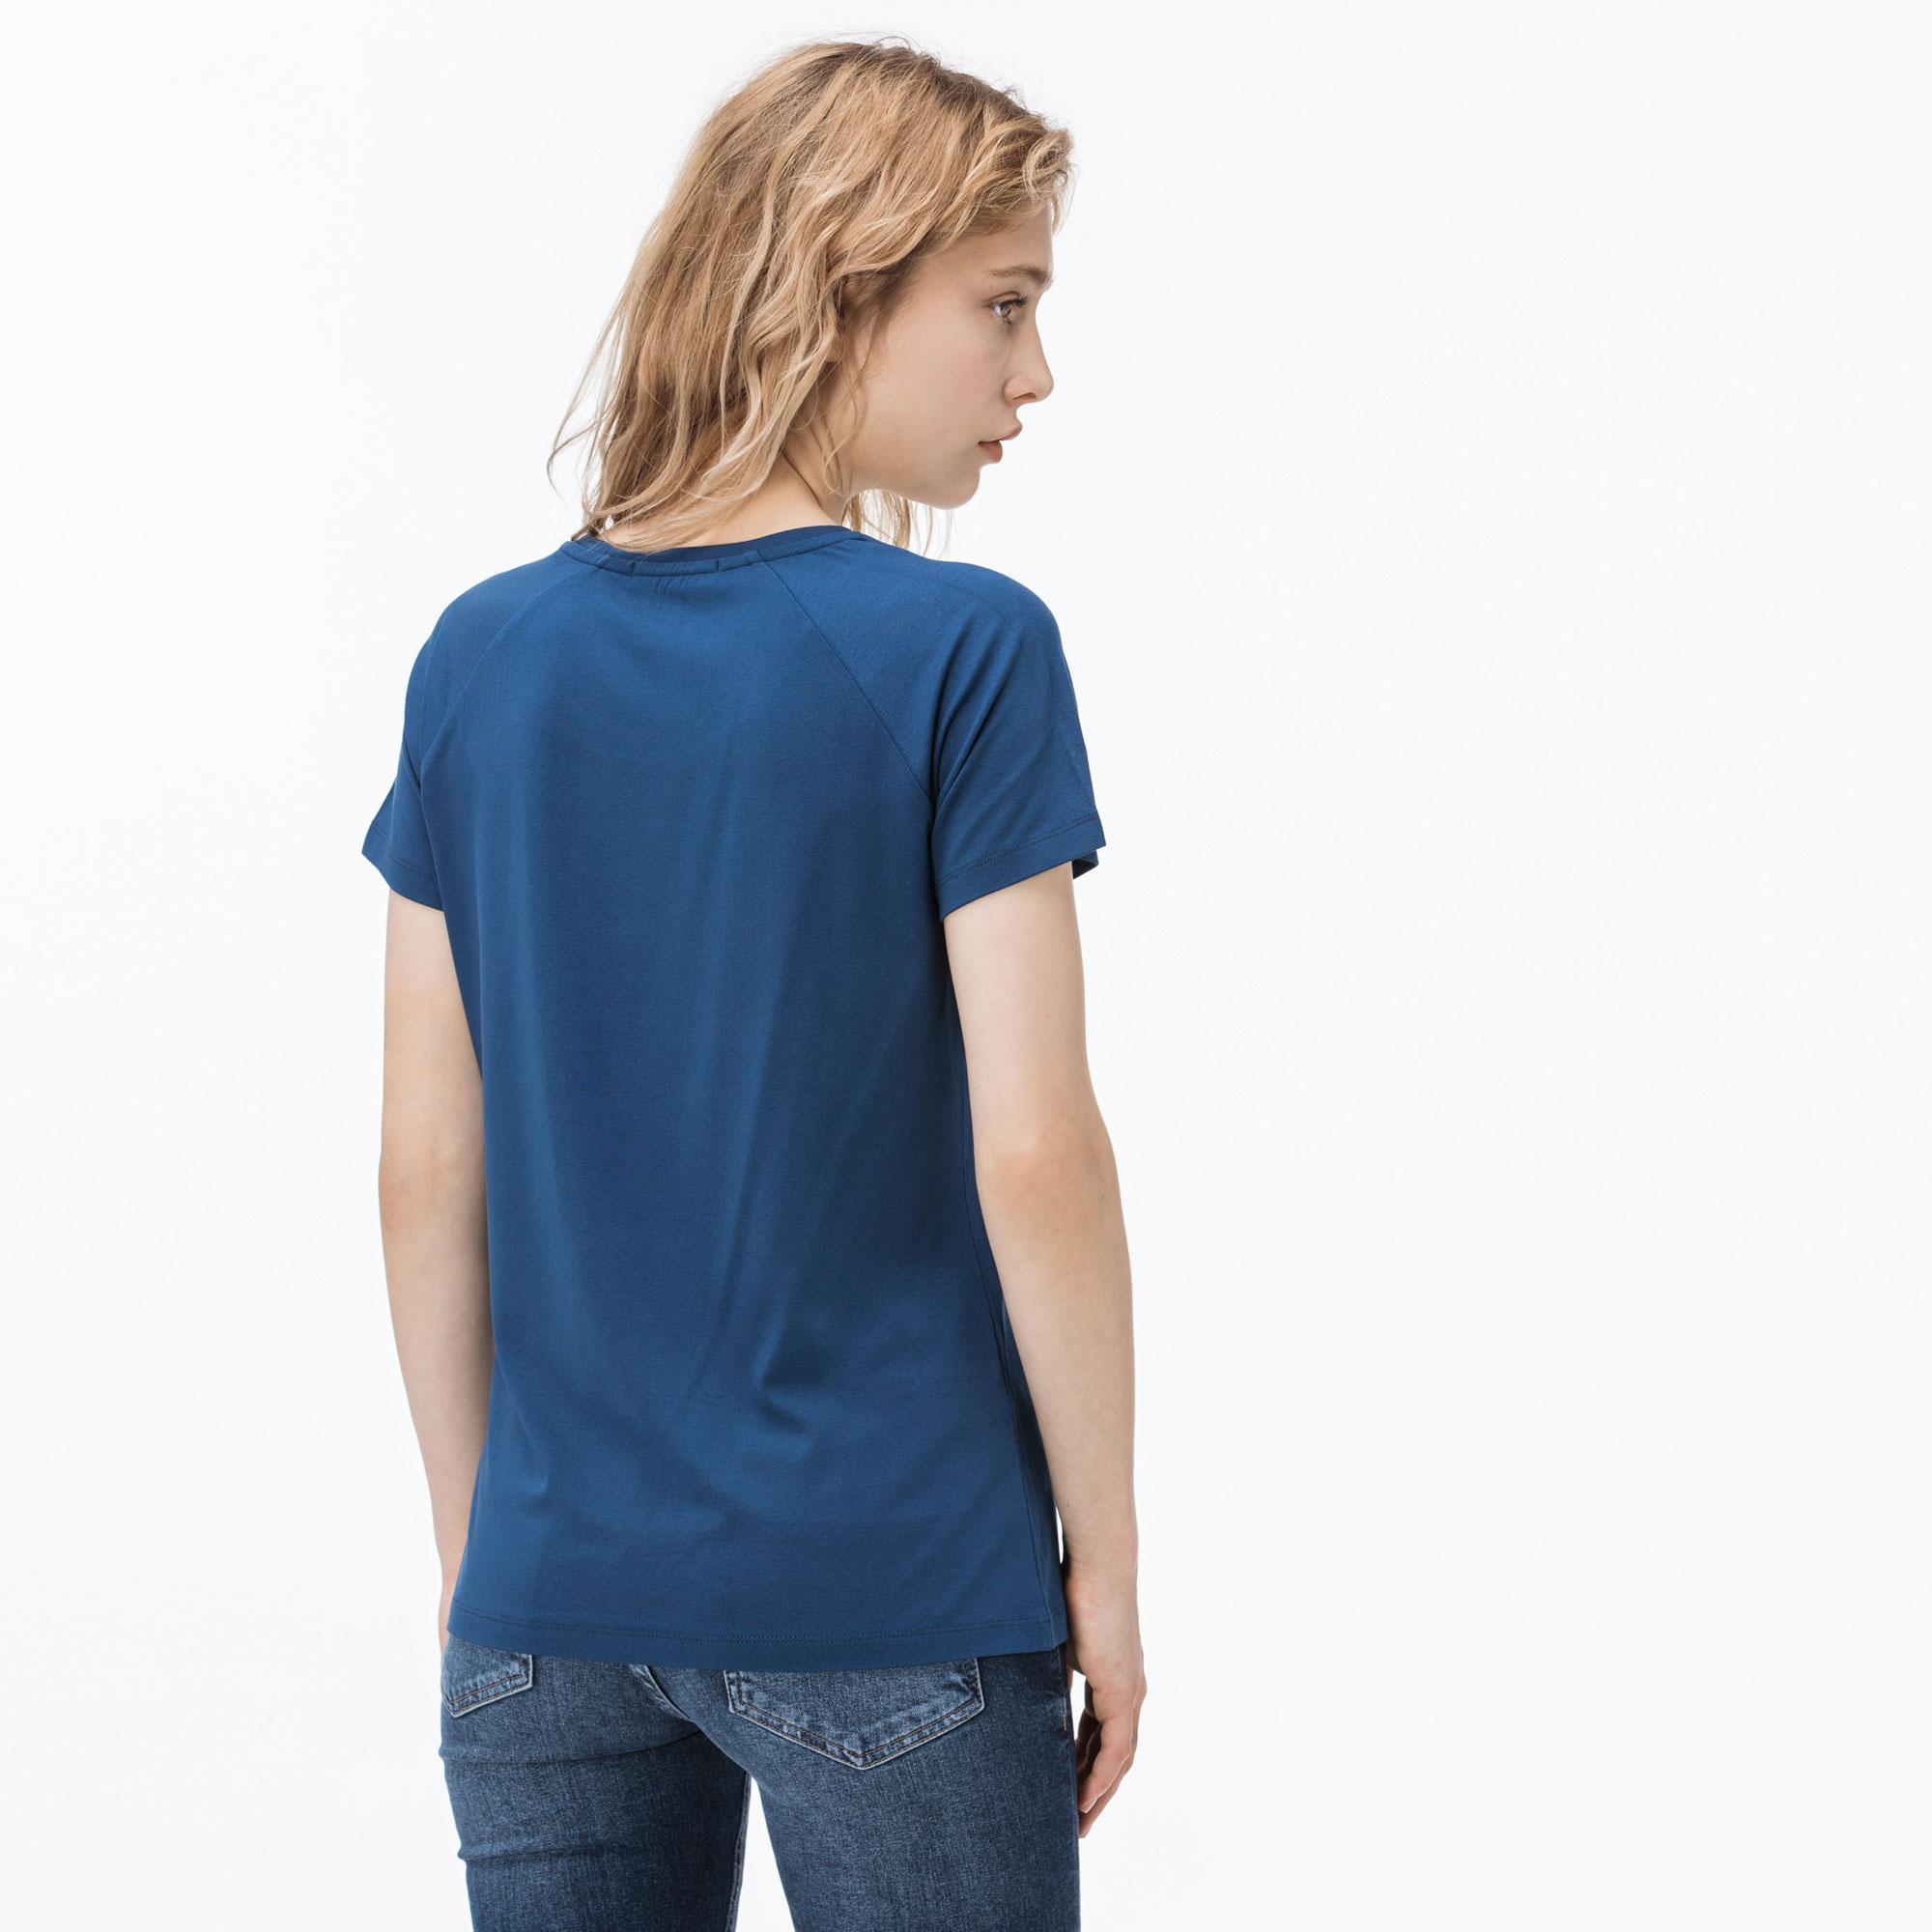 Lacoste Kadın Mavi T-Shirt